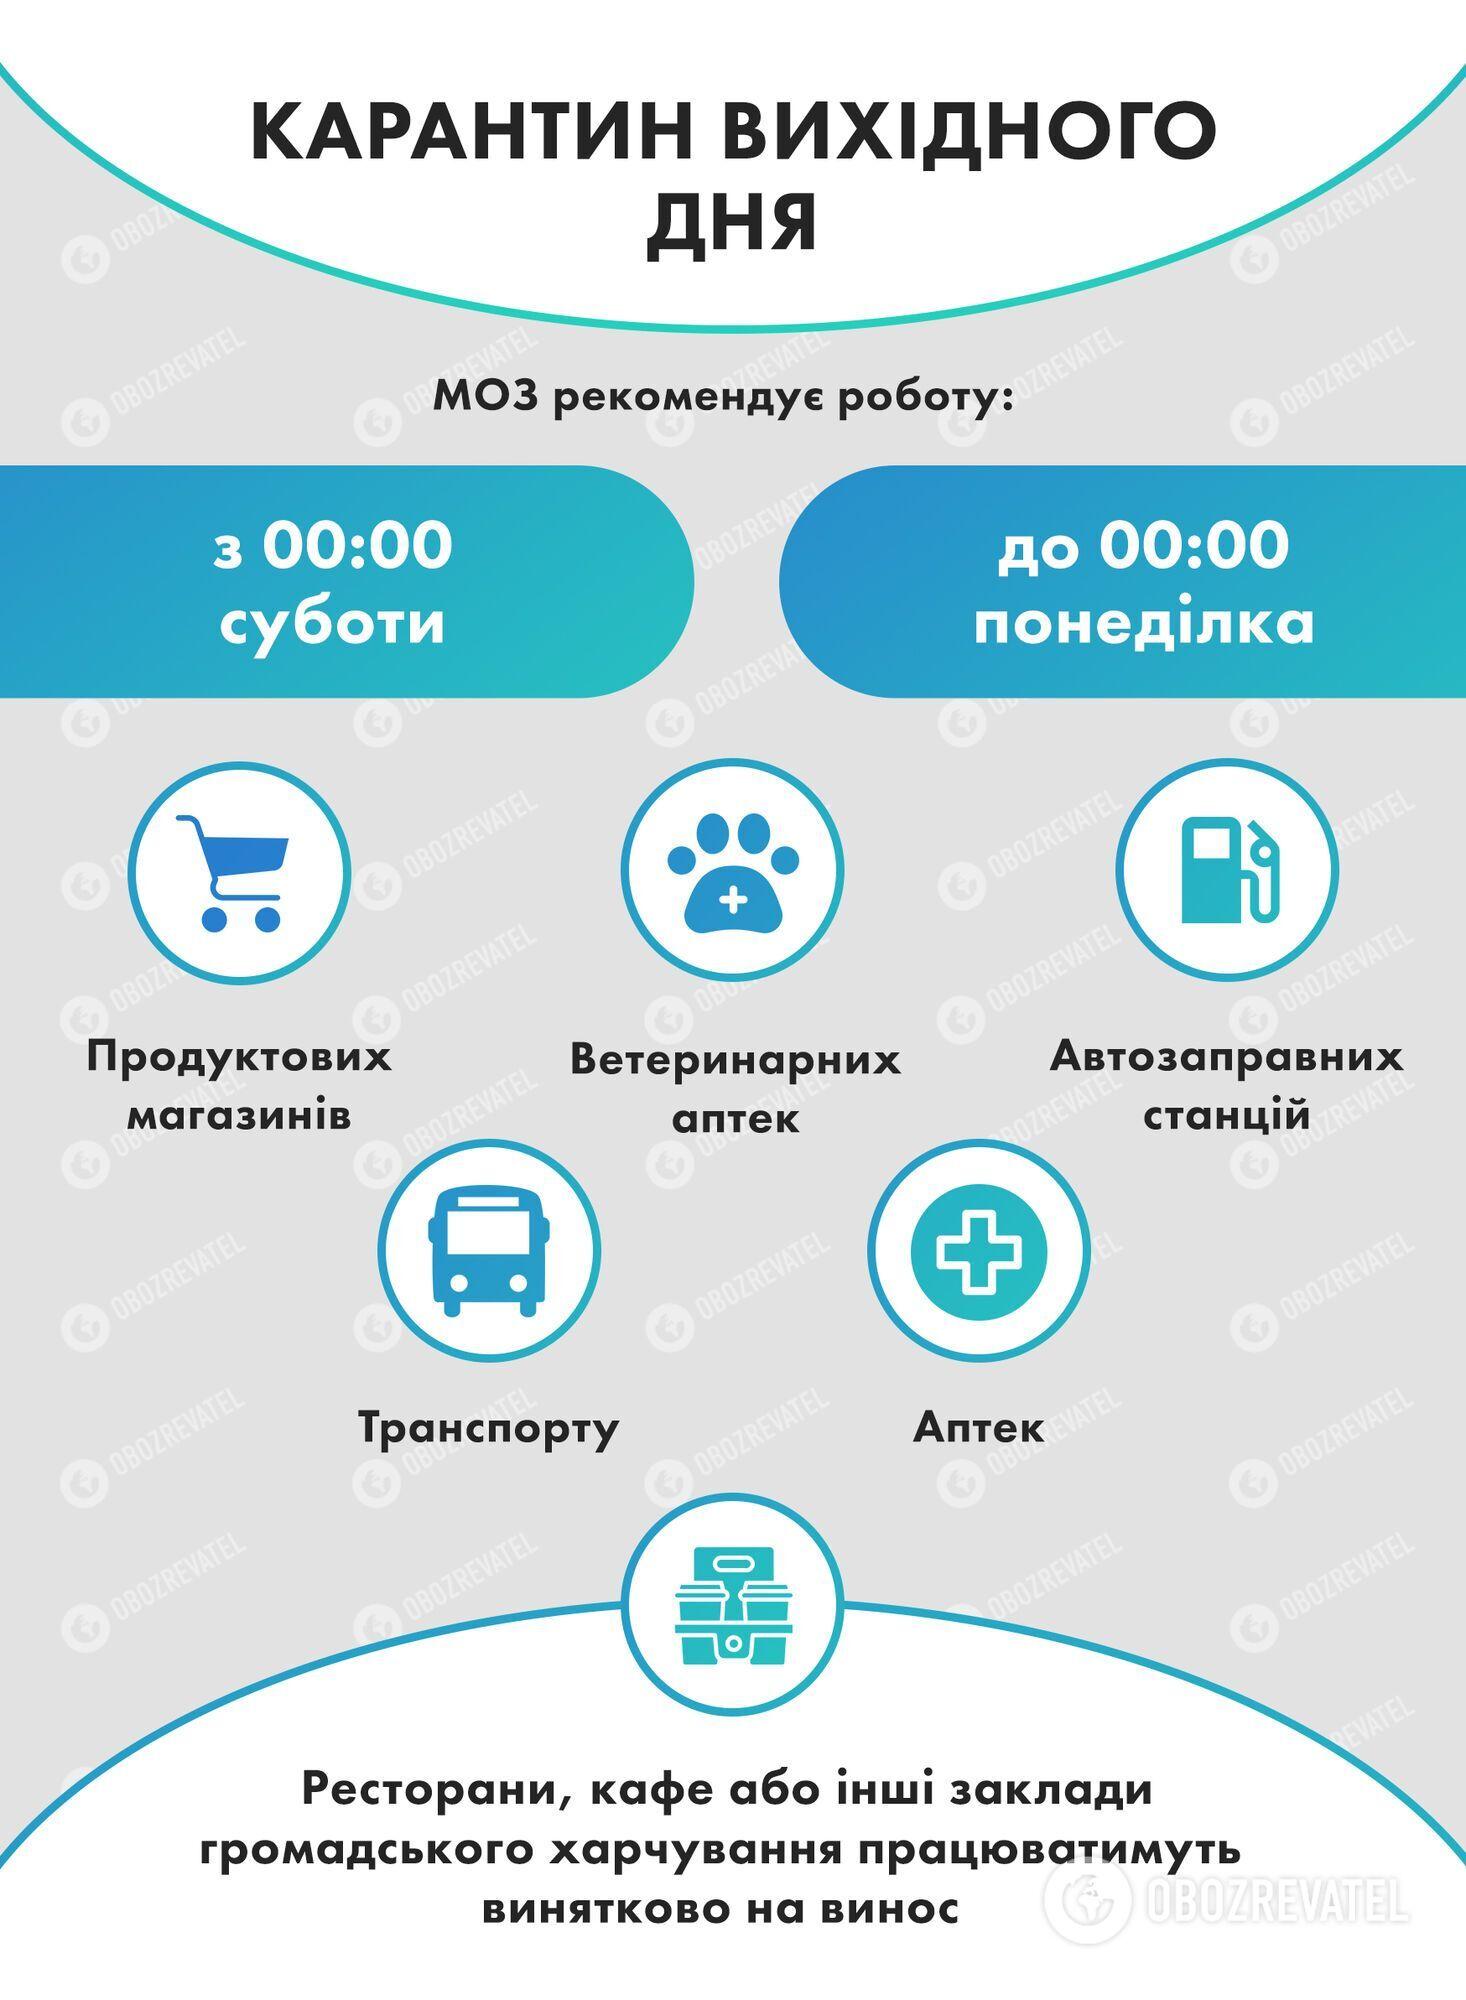 Что будет разрешено при усилении карантина в Украине.